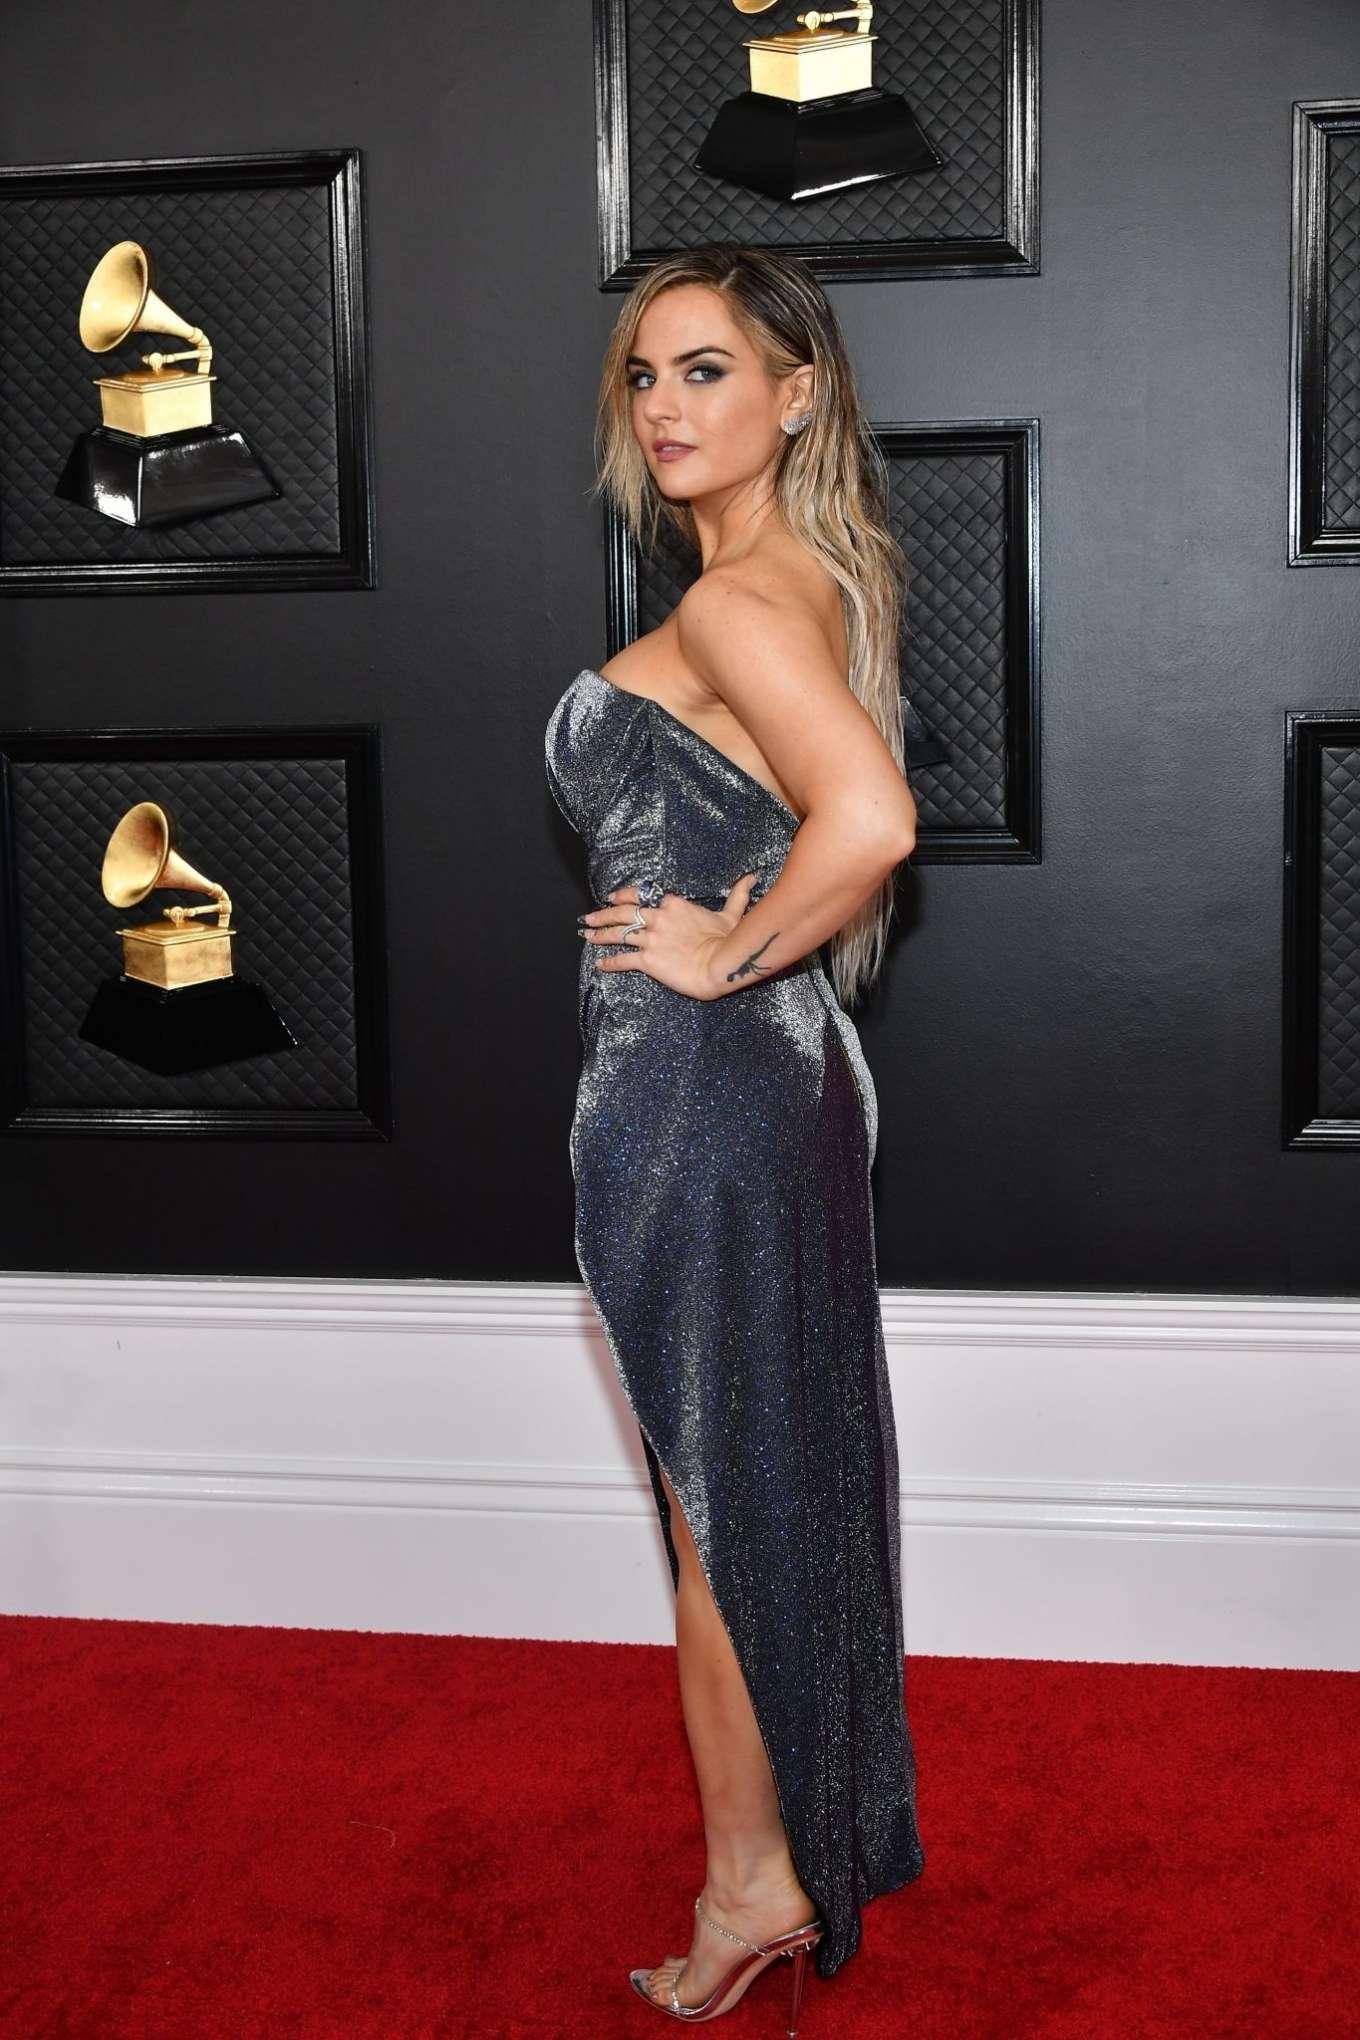 Joanna JoJo Levesque 2020 : Joanna JoJo Levesque – 2020 Grammy Awards-28